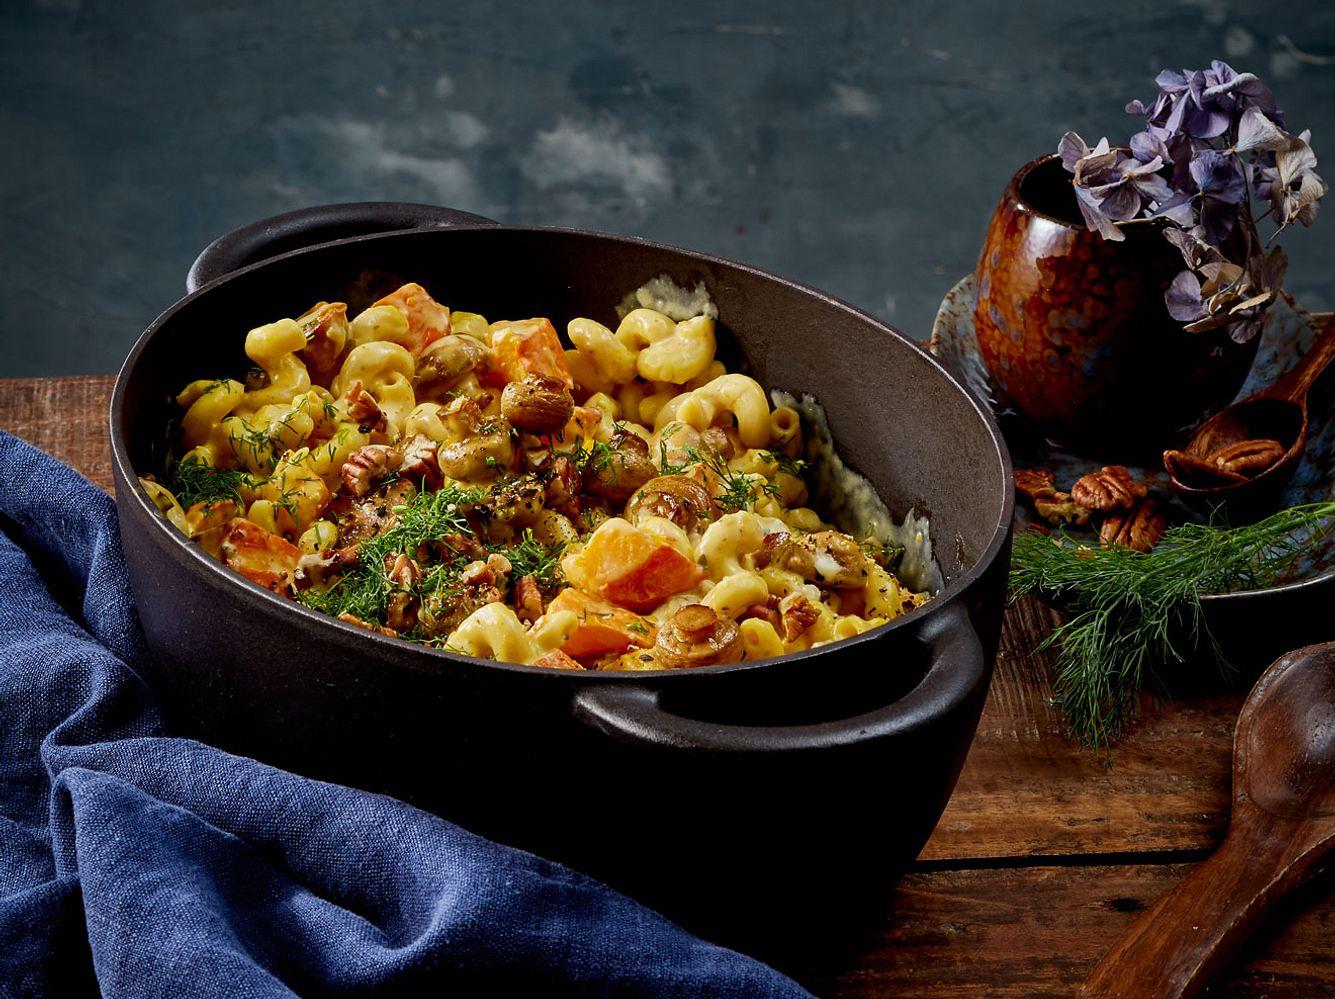 Herbstlich lecker und schnell gemacht ist der One Pot mit Kürbis und Nudeln.